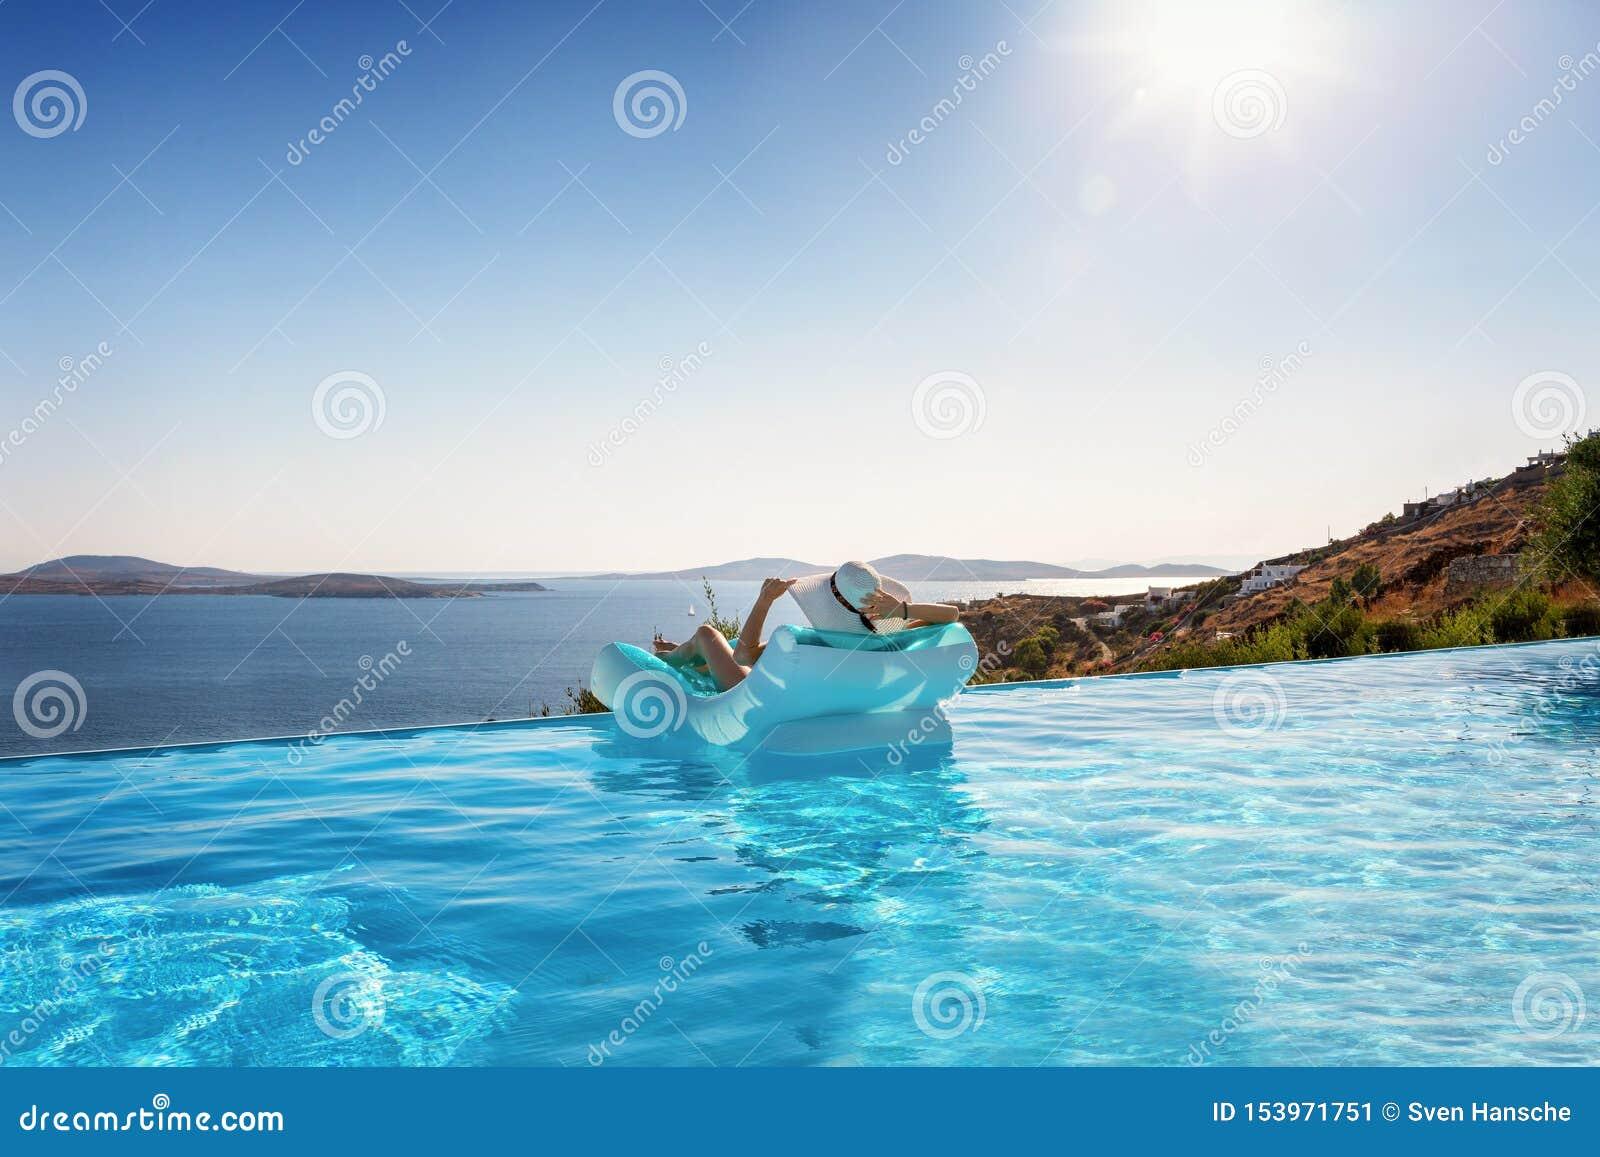 De vrouw ontspant op een vlotter onder de Mediterrane zon